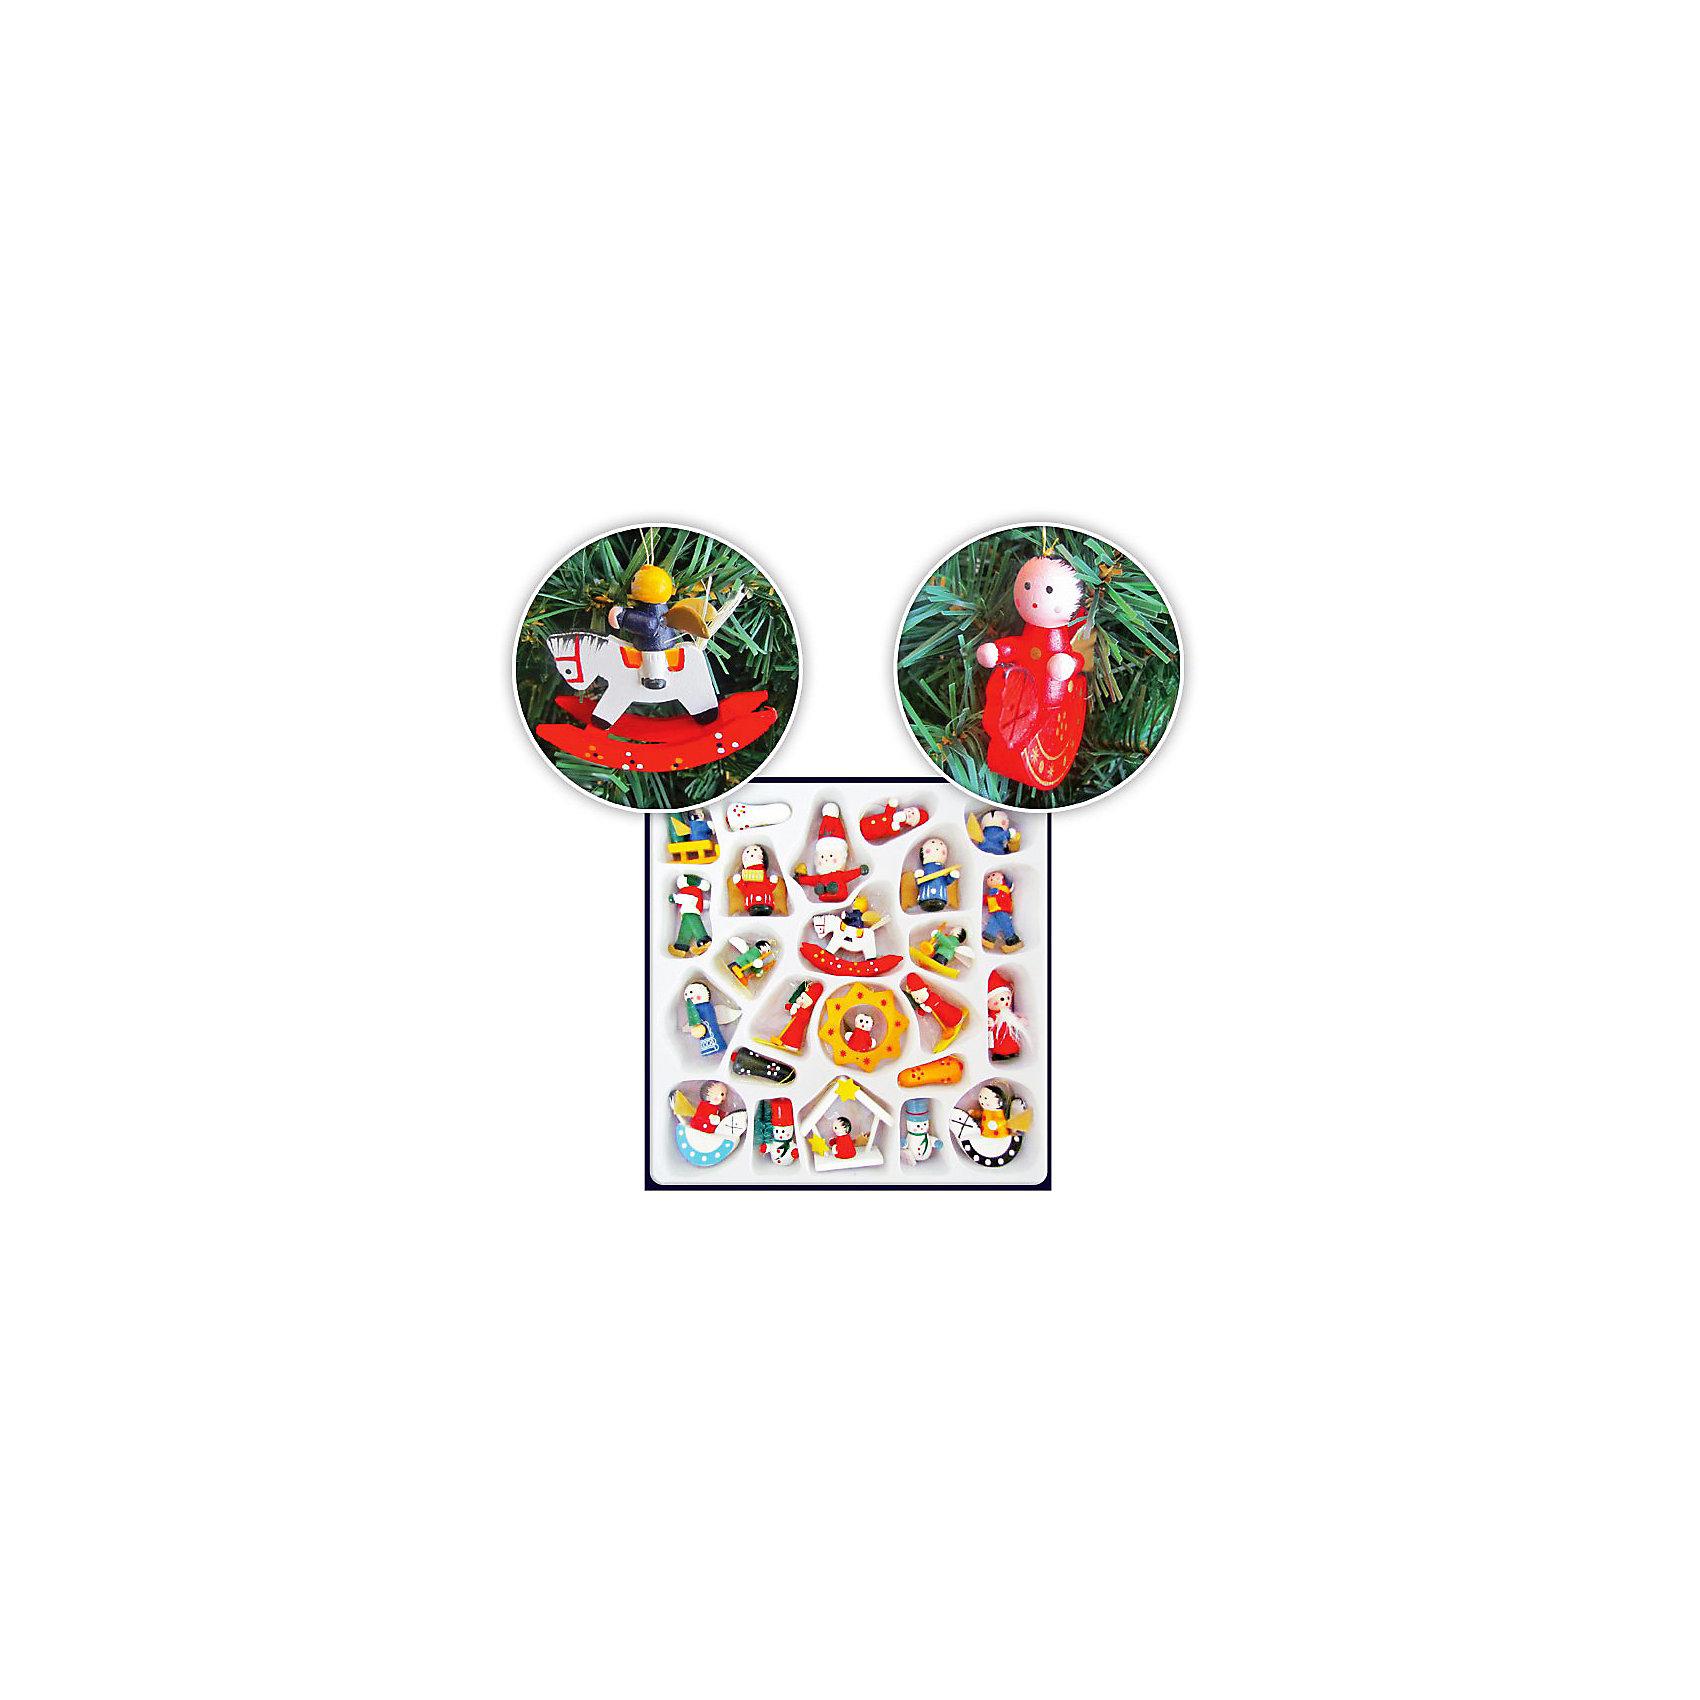 TUKZAR Набор деревянных ёлочных игрушек, 24х24 см, 24 предмета крючки для елочных игрушек в москве